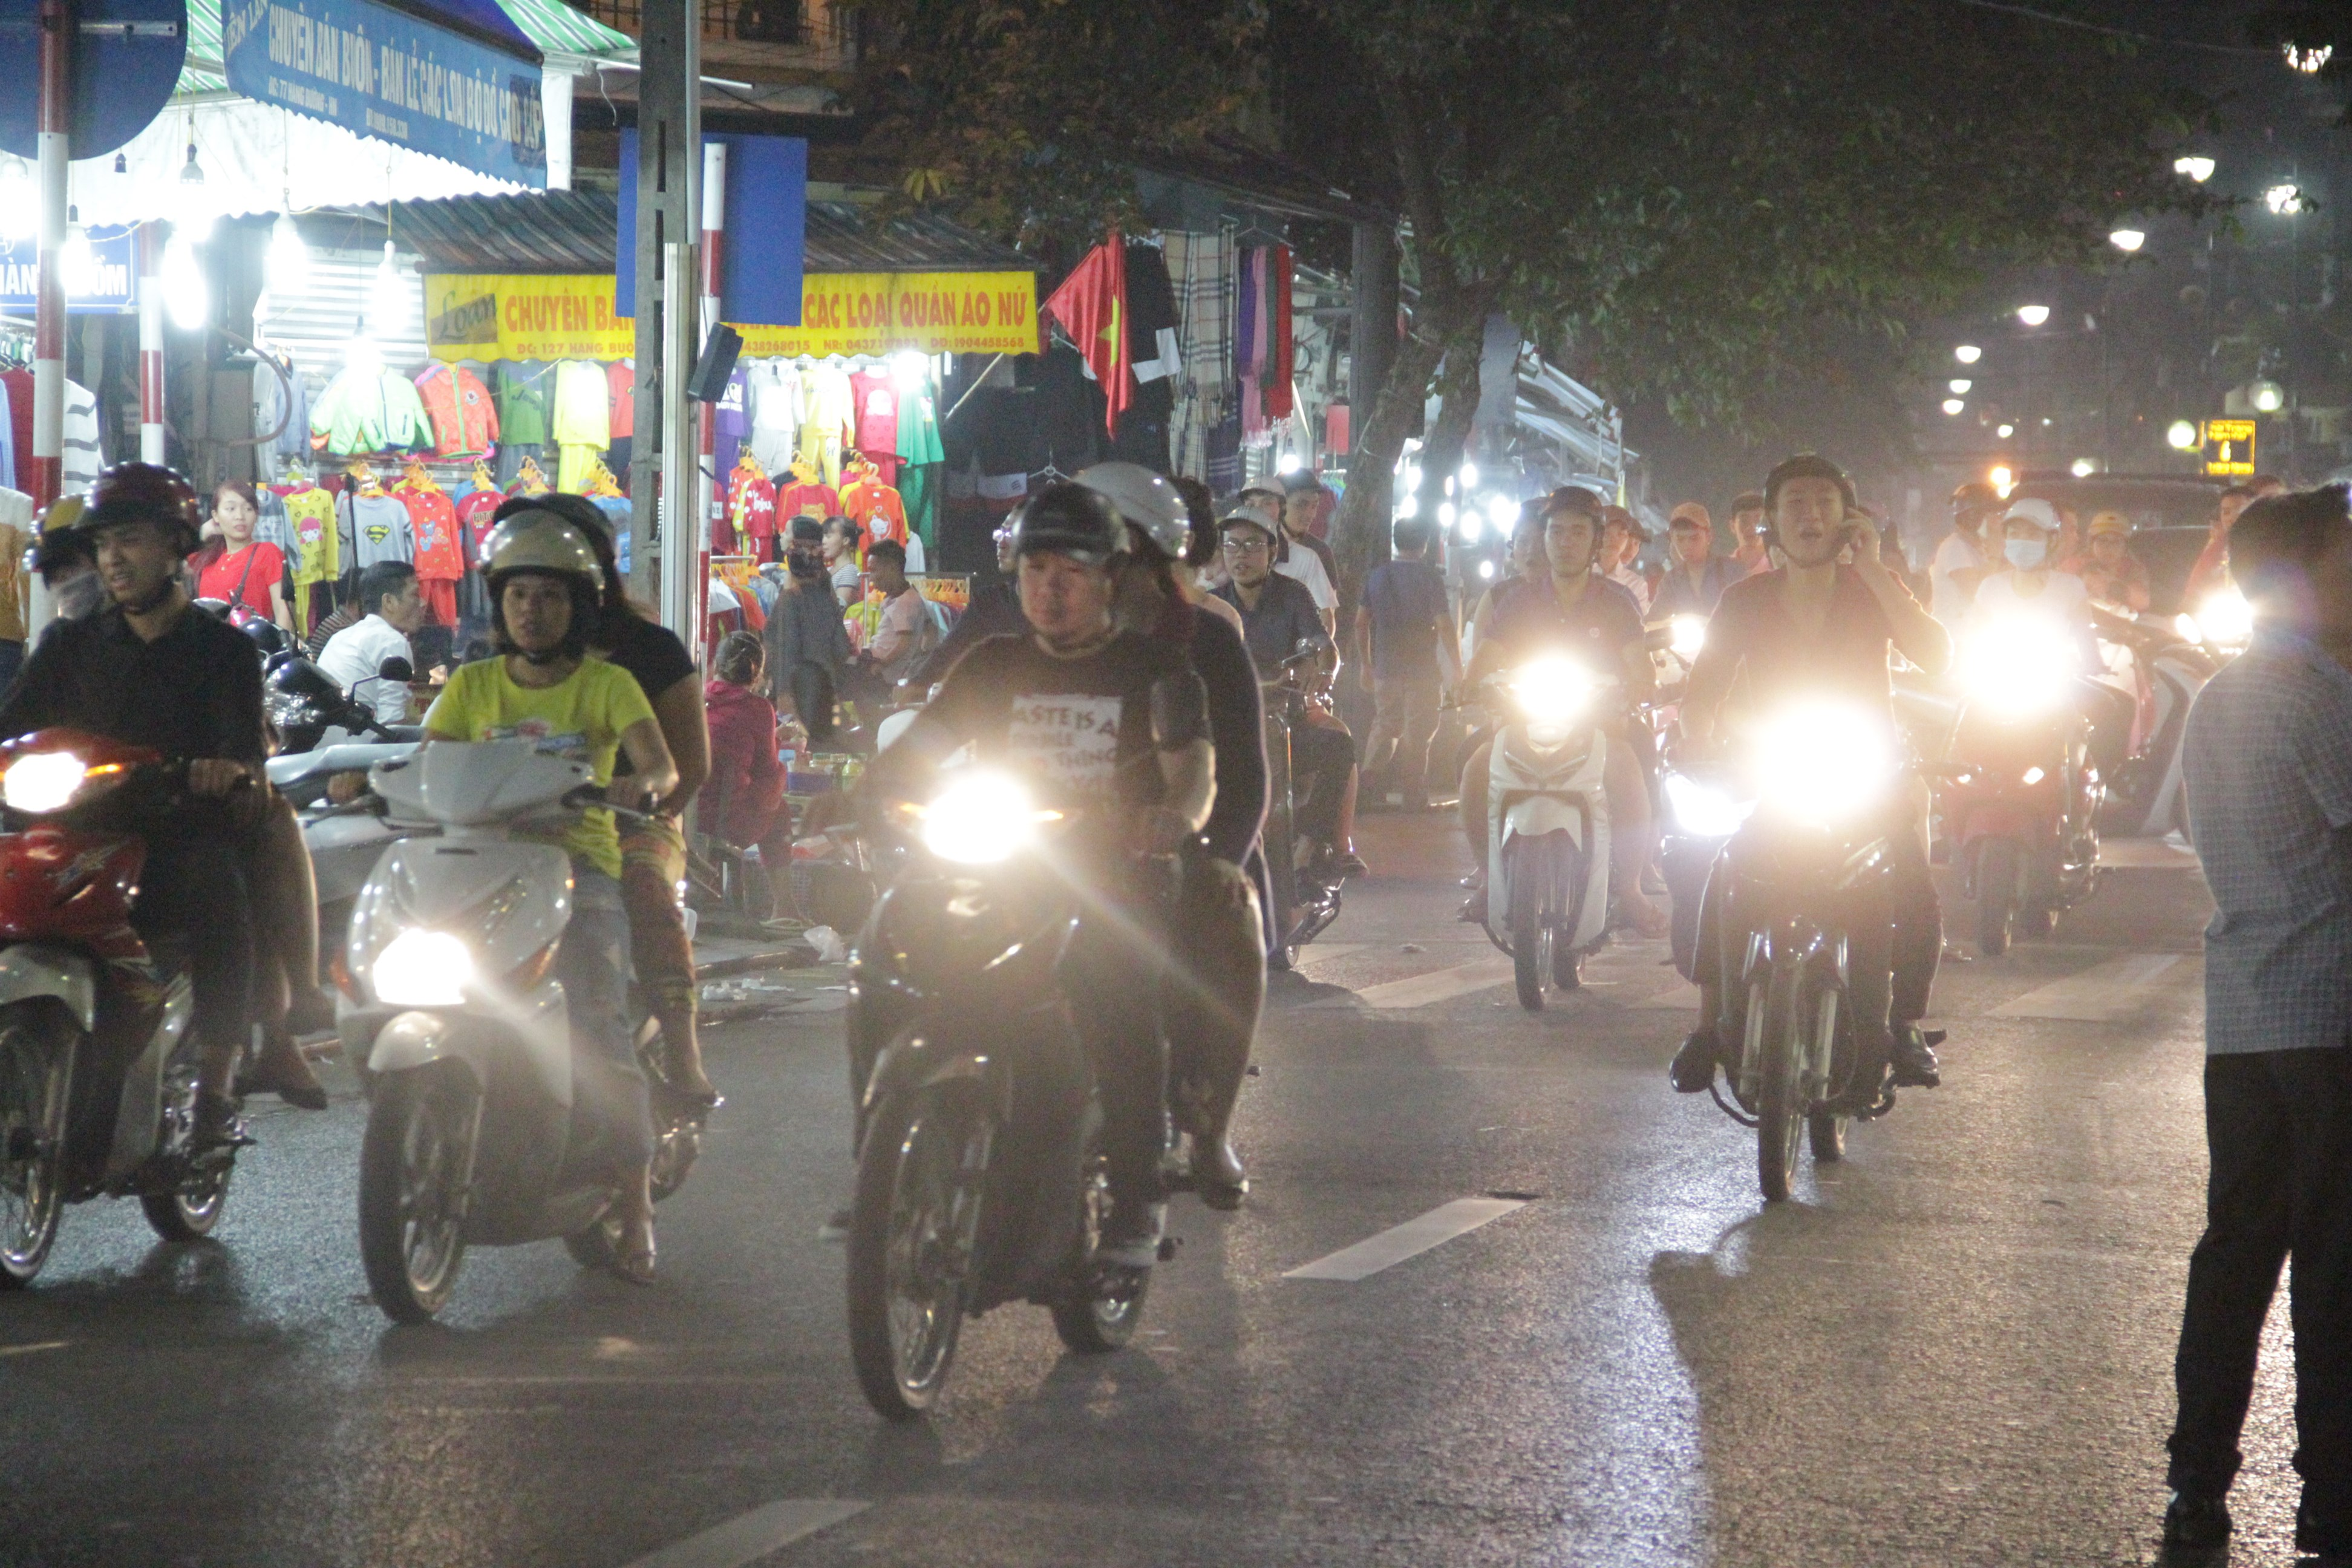 Les scooters font la loi à Ha Noi. (Copyright : Jérôme Decoster)